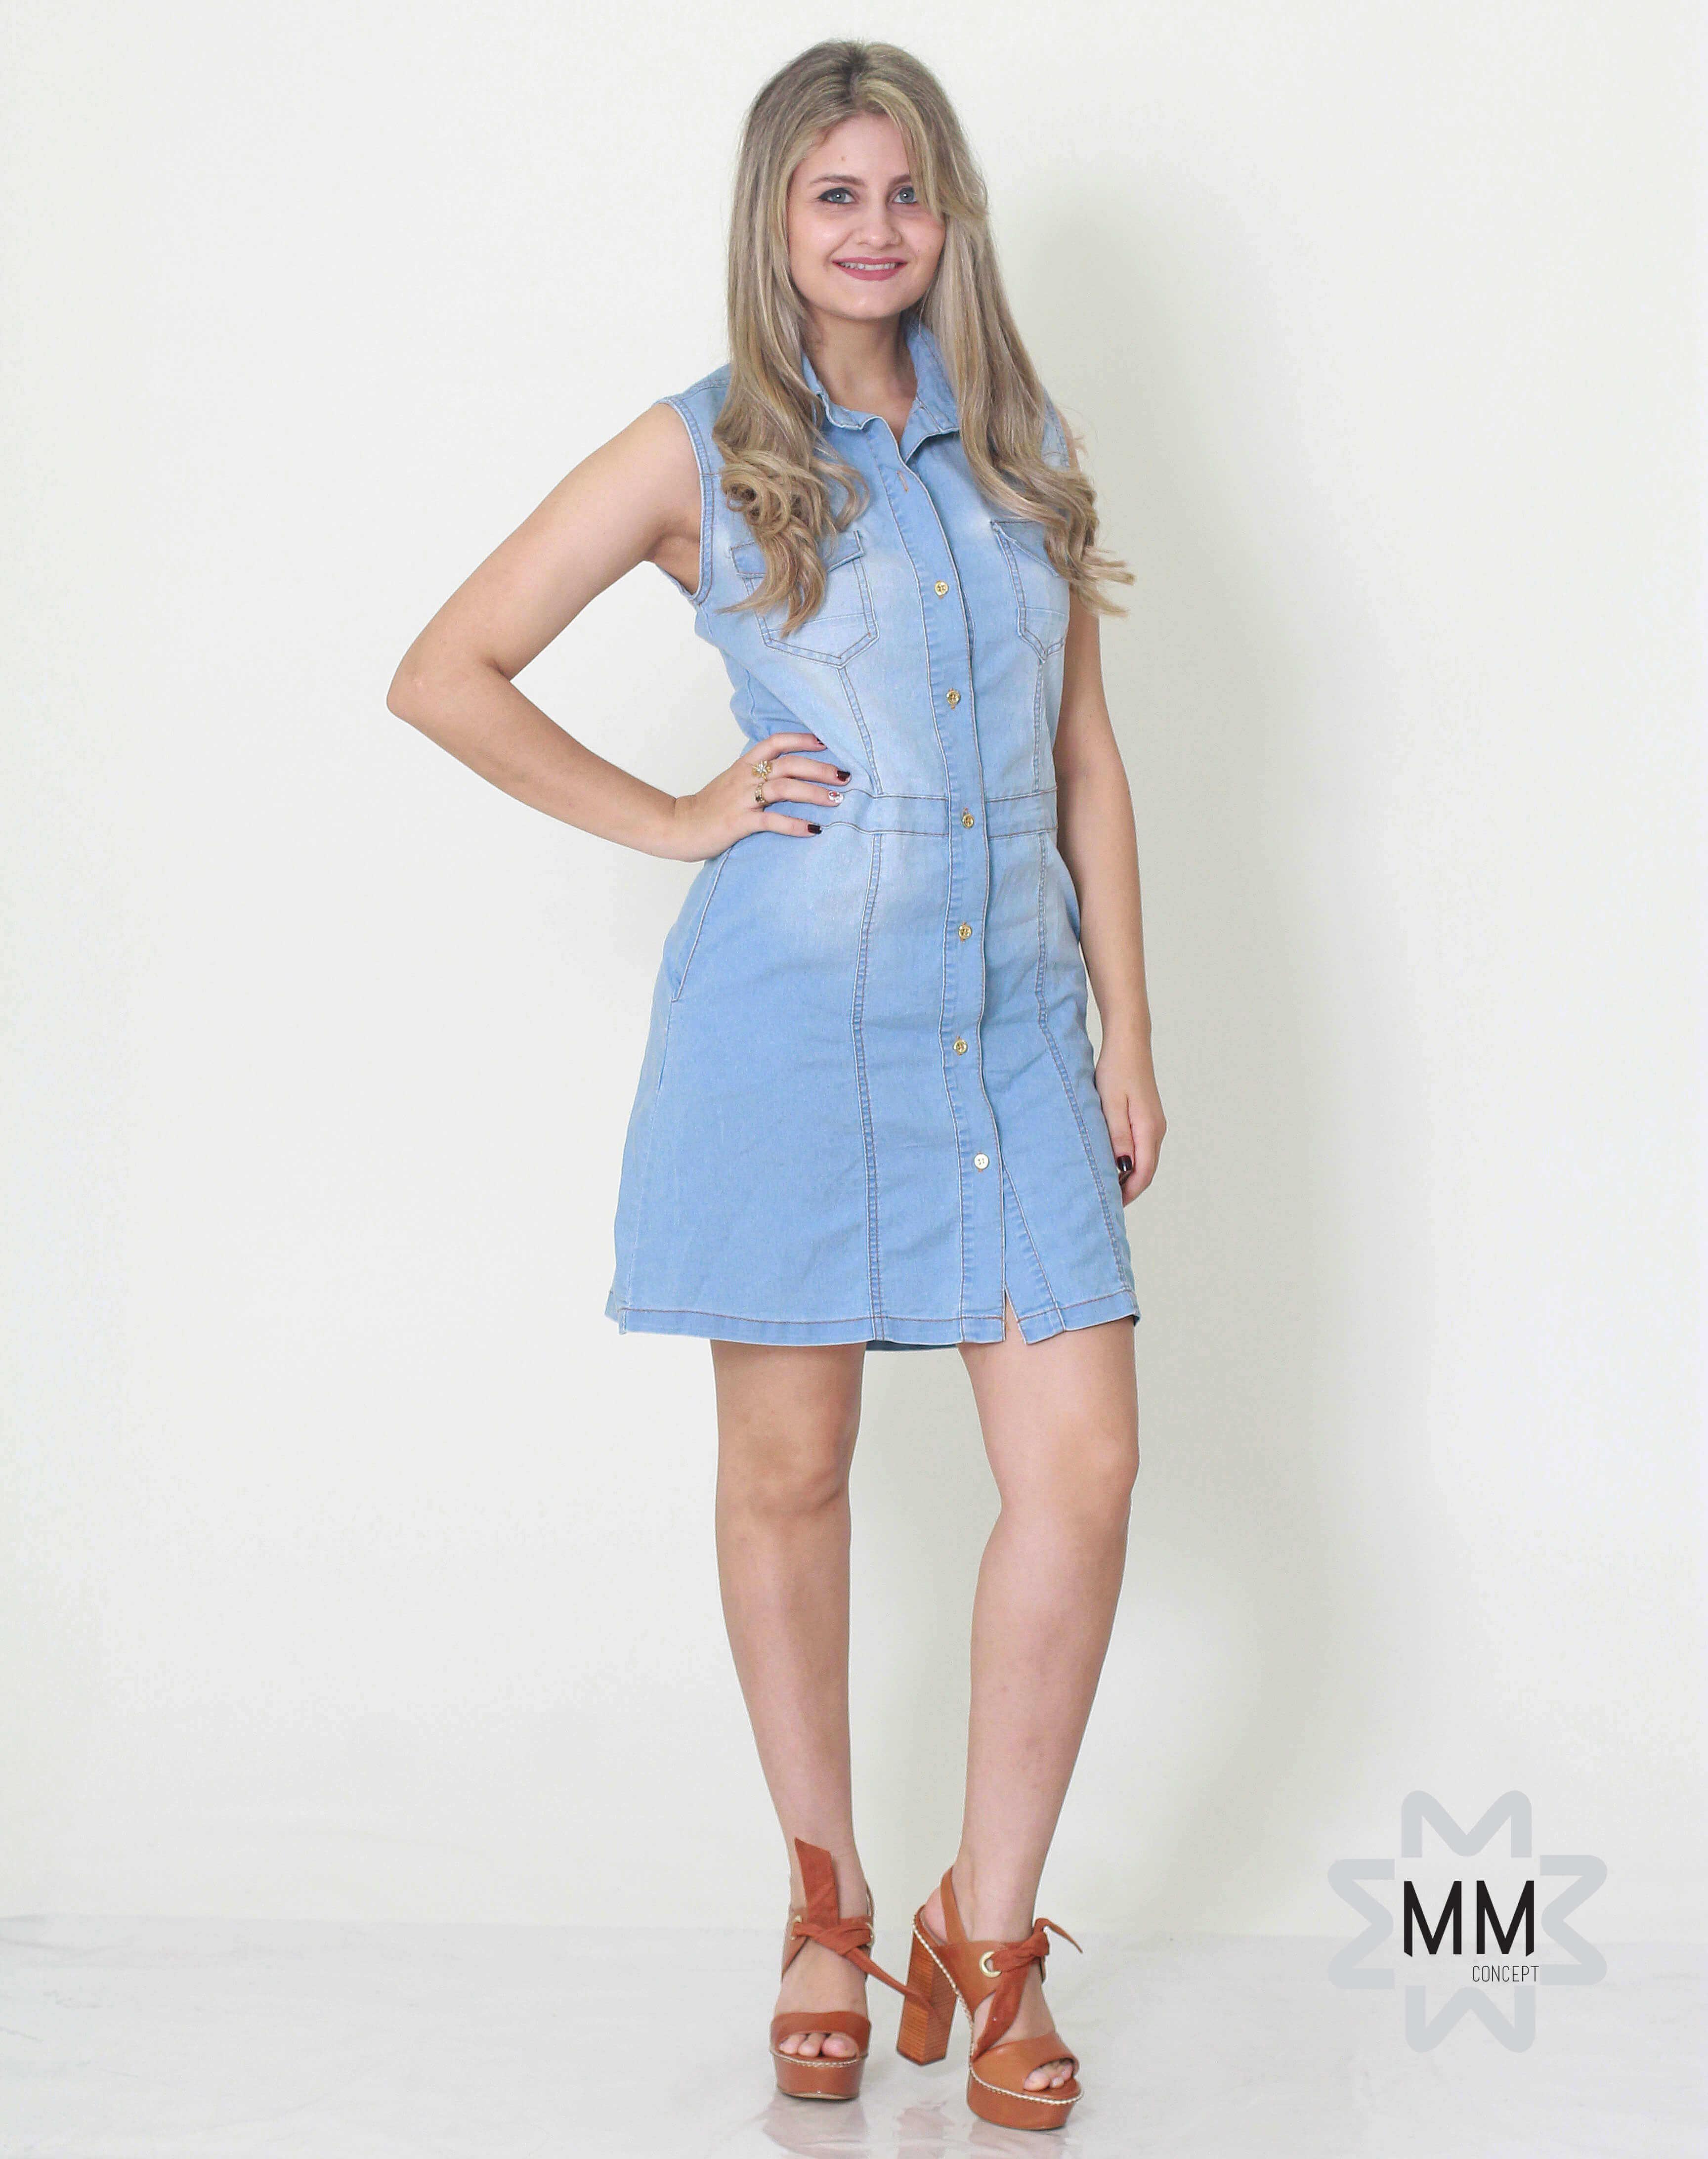 4d9cac735 Imagem - Vestido jeans curto sem manga